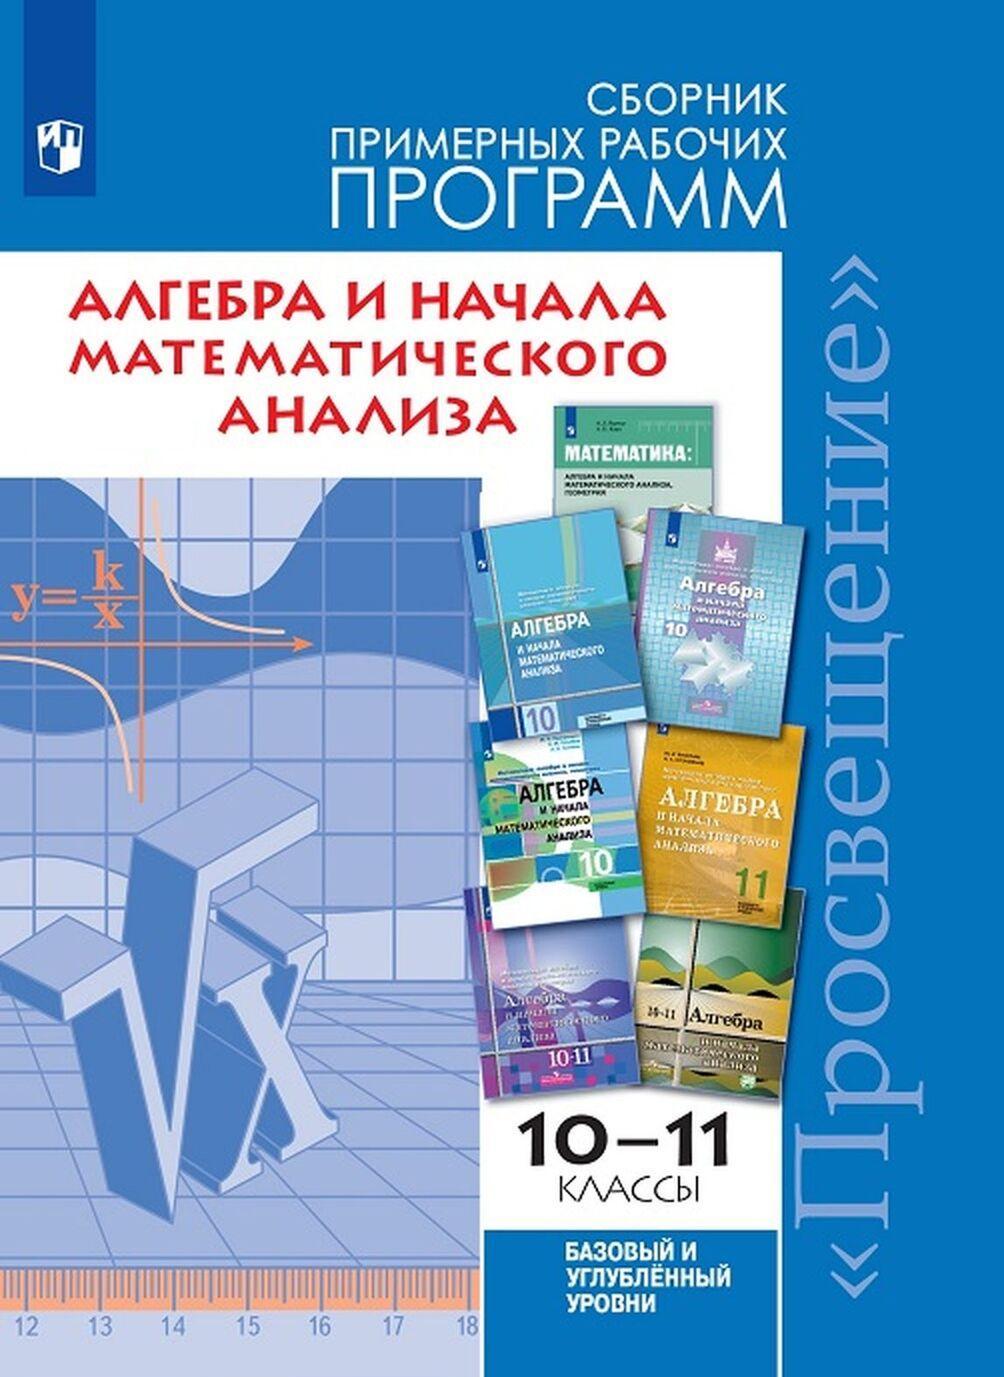 Algebra i nachala matematicheskogo analiza. Sbornik rabochikh programm. 10-11 klassy. Bazovyj i uglublen